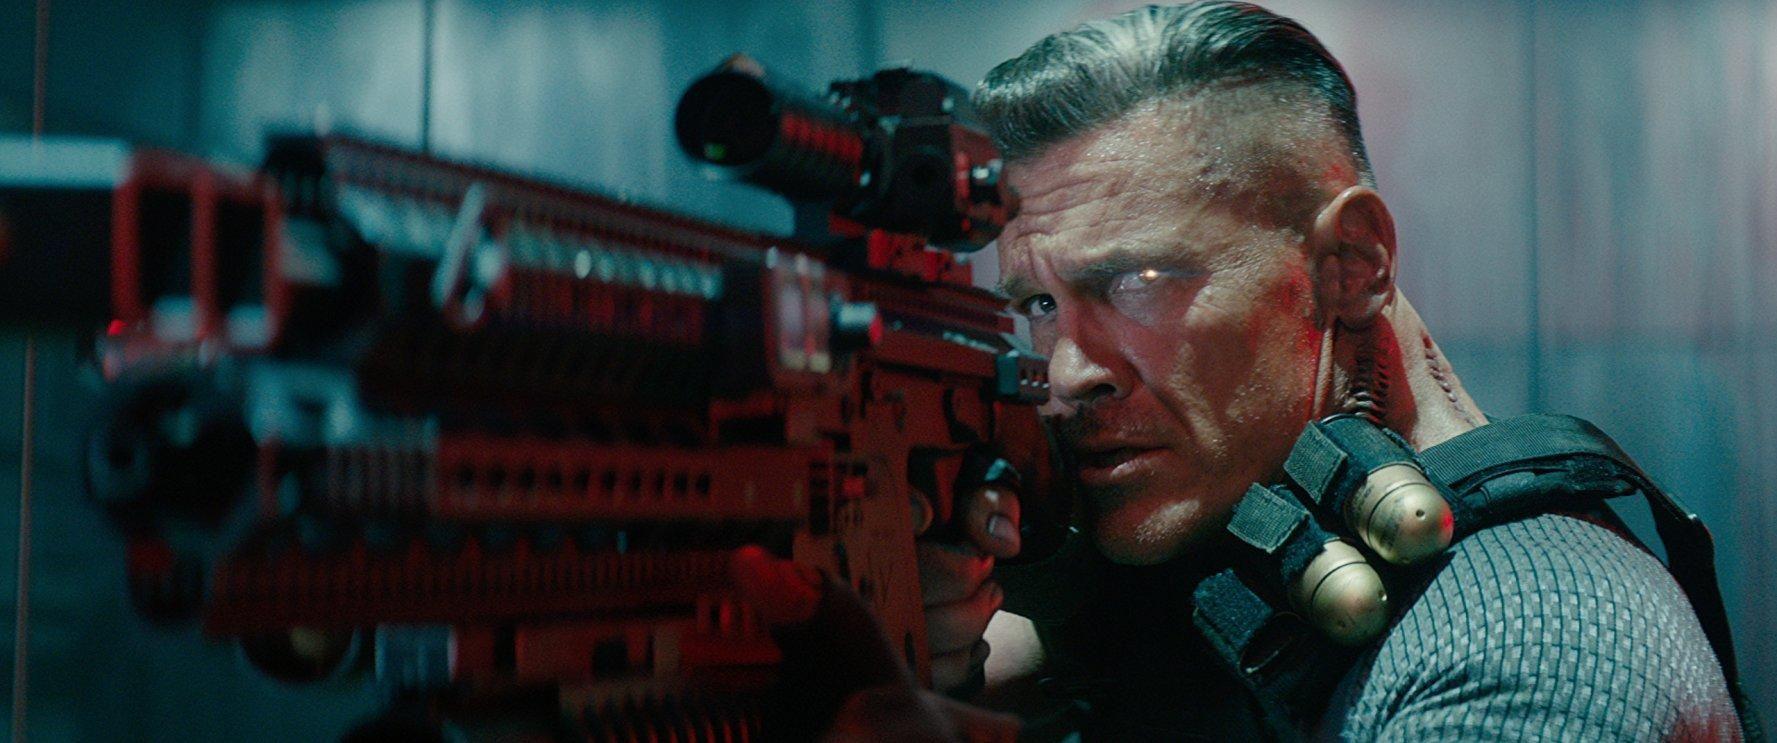 Cable (Josh Brolin) dans Deadpool 2